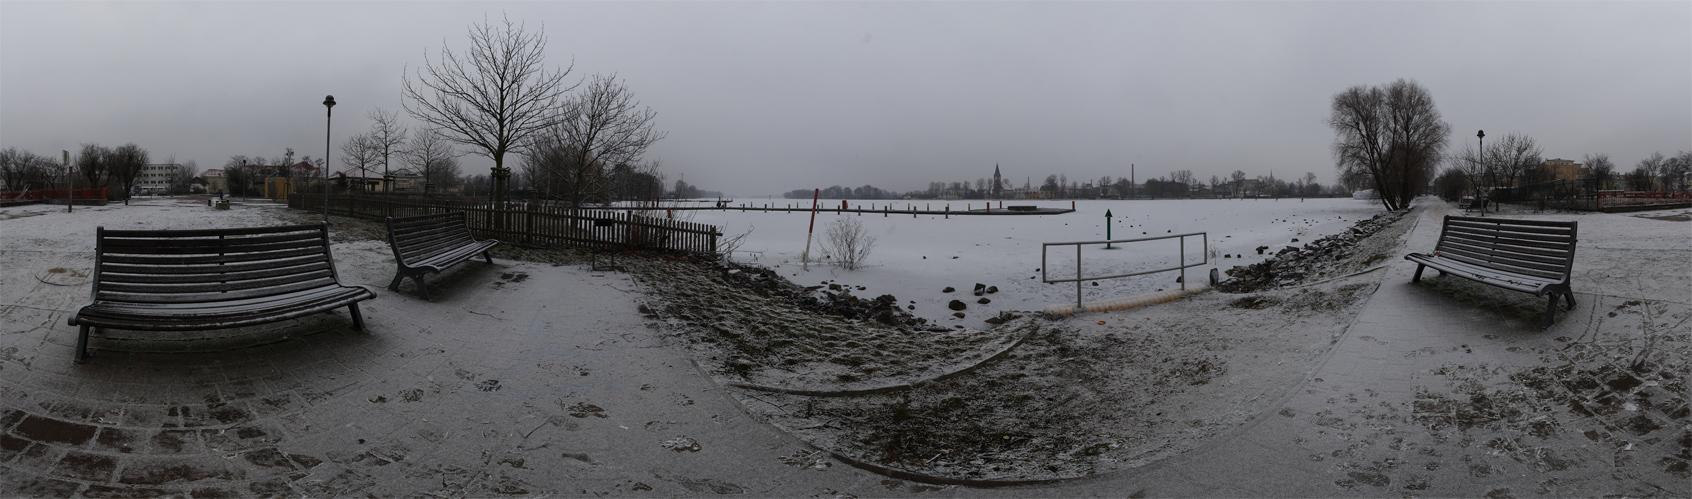 Trübes Wetter in Werder